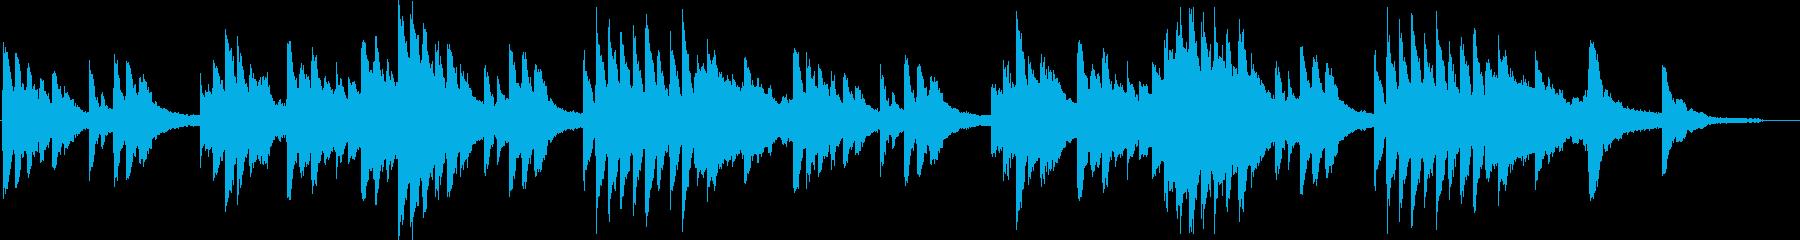 耽美でノスタルジックなピアノ・ソロの再生済みの波形